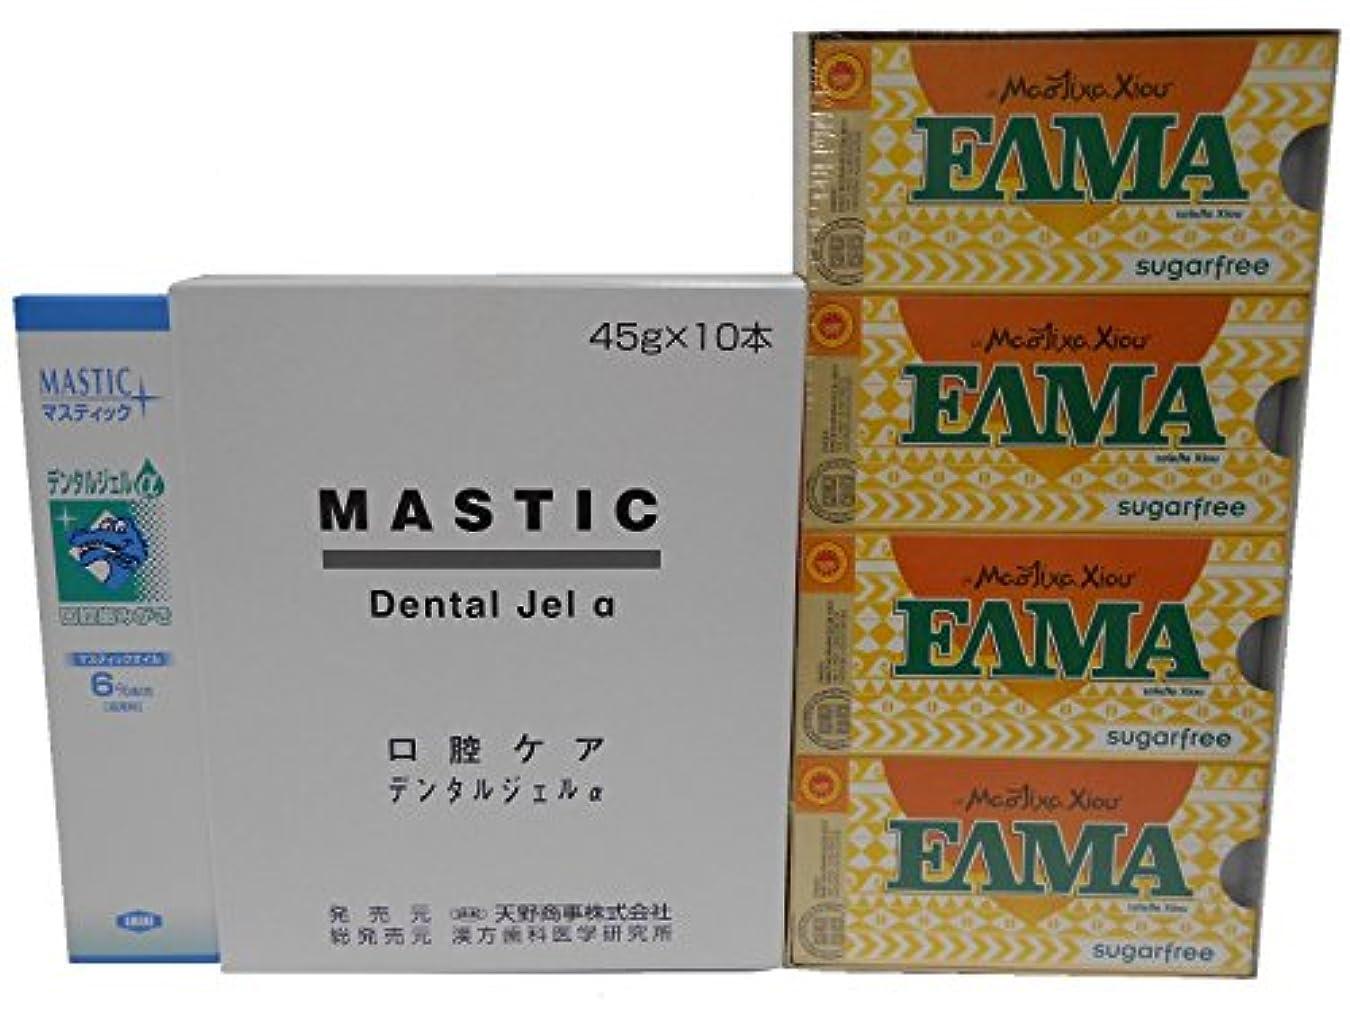 島製造業蓮MASTIC マスティックデンタルジェルα45gX10個+ELMAマスティックガム(10粒x20シート入り)1箱セット